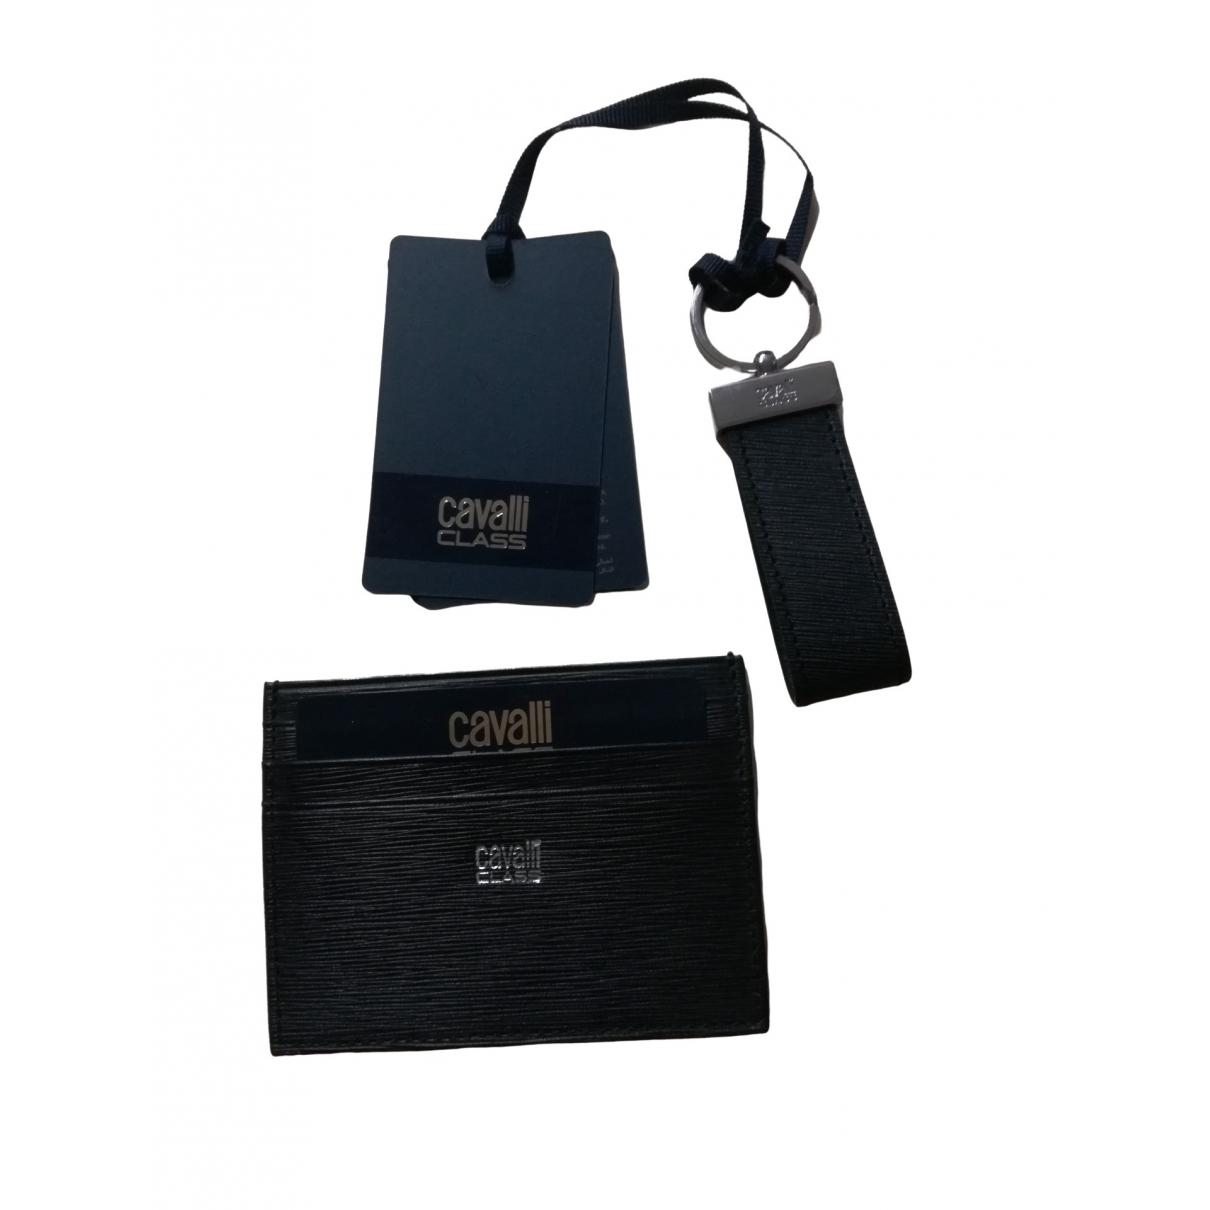 Class Cavalli - Petite maroquinerie   pour homme en cuir - noir